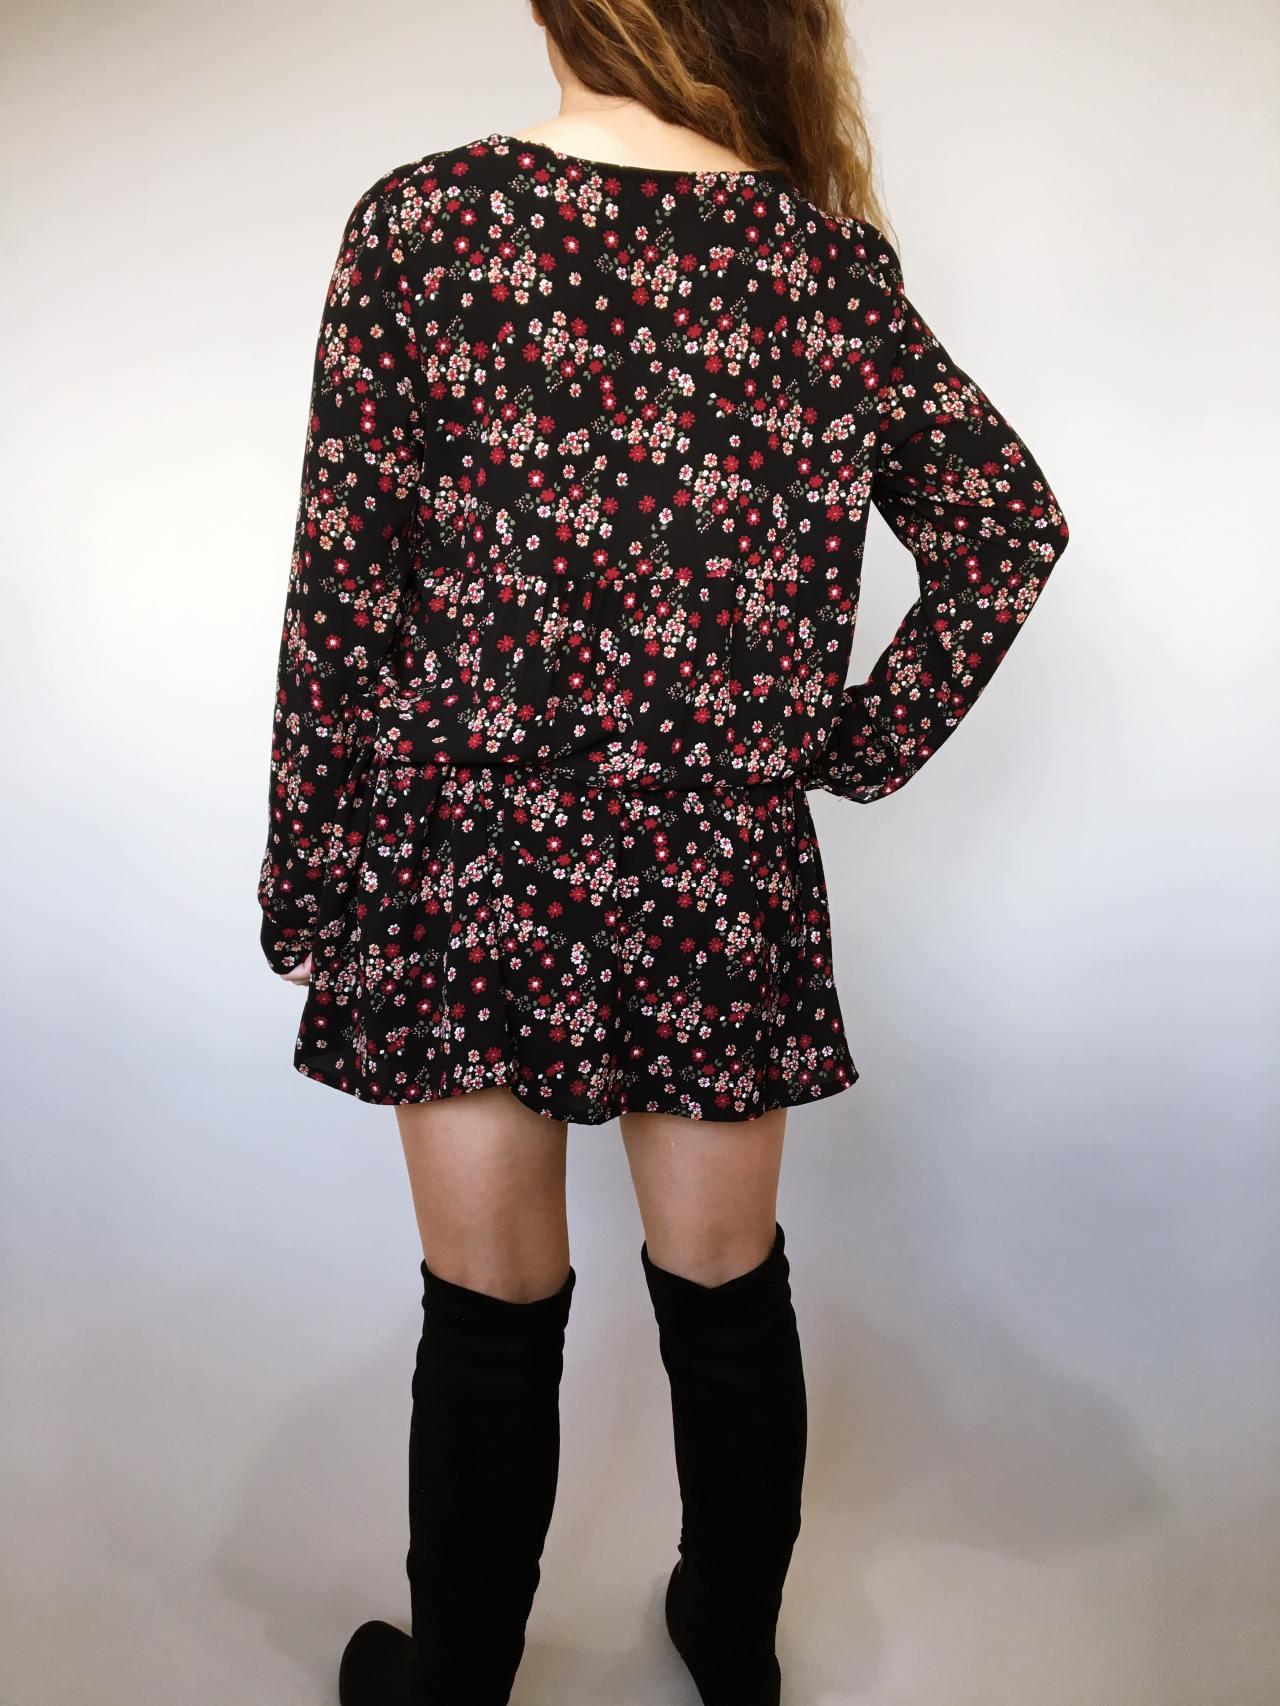 Šaty Lucy černé 05